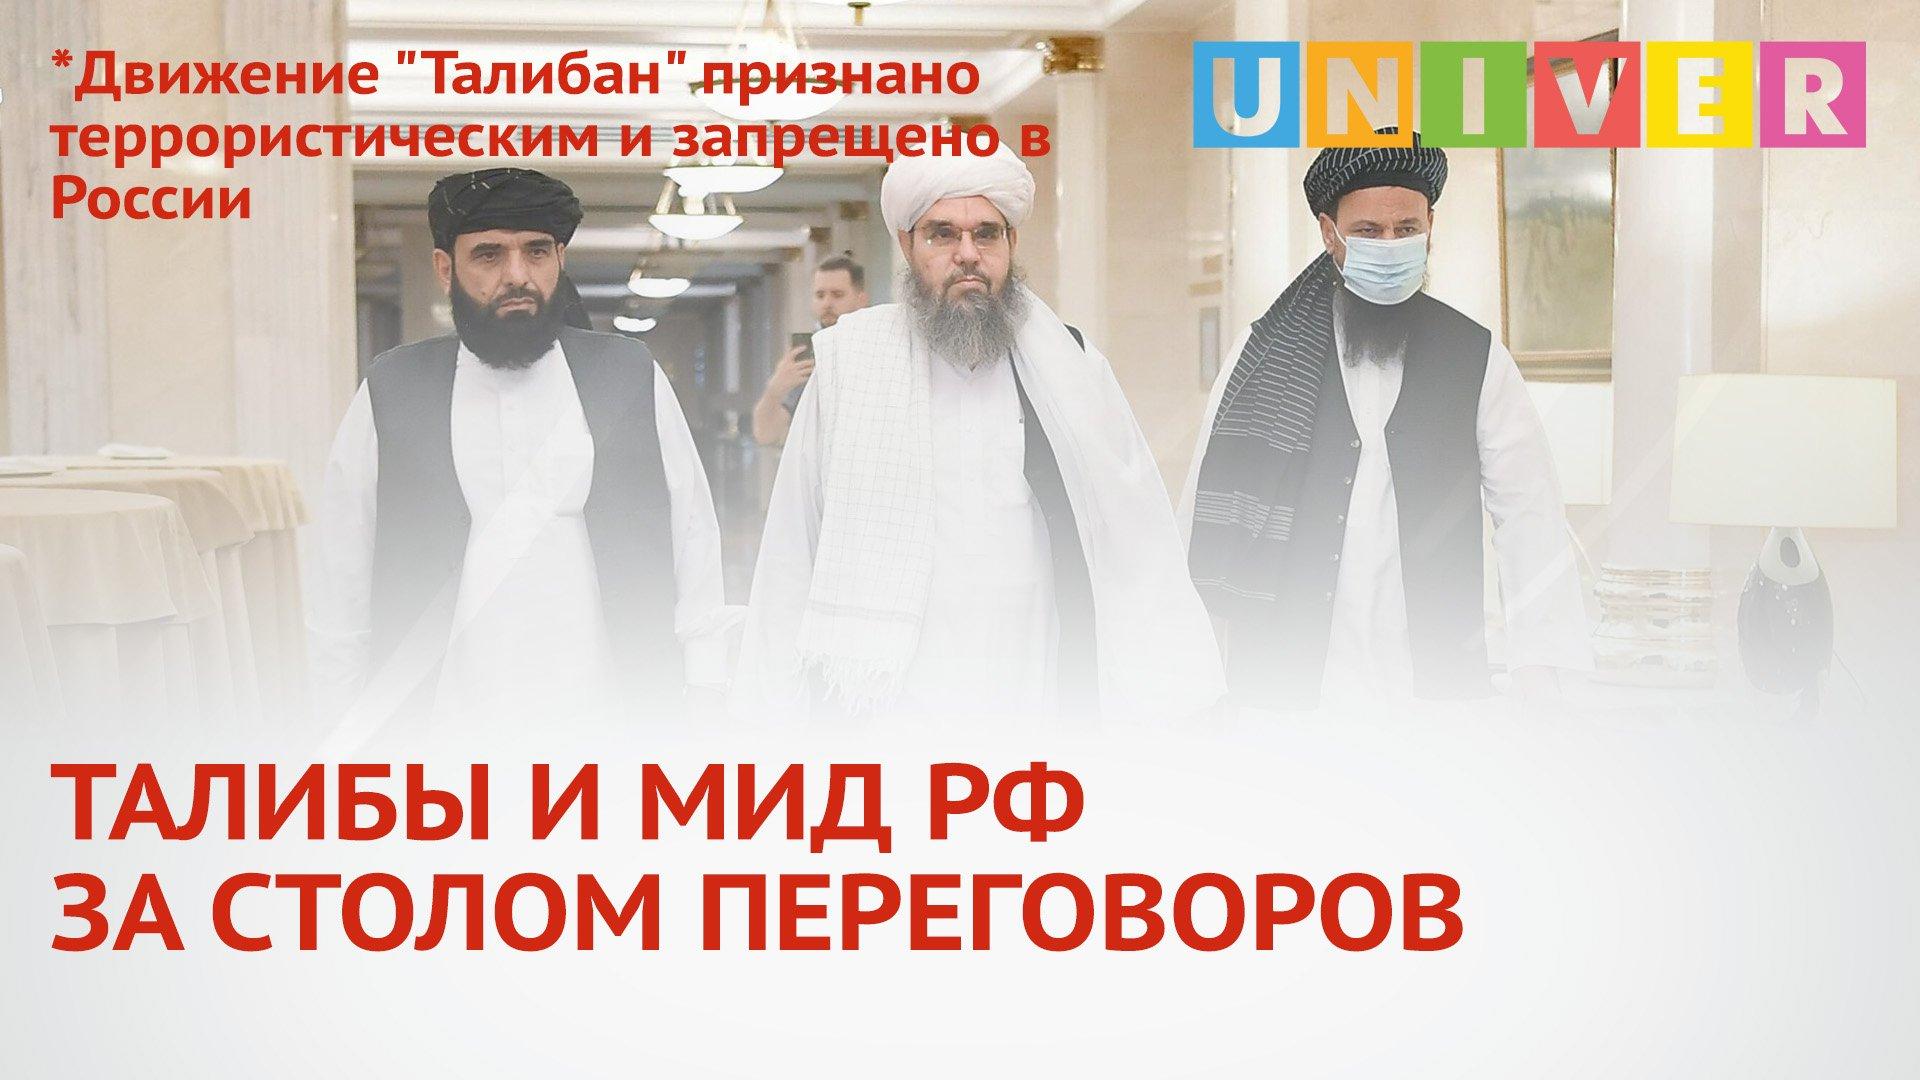 ТАЛИБЫ И МИД РФ ЗА СТОЛОМ ПЕРЕГОВОРОВ.mp4